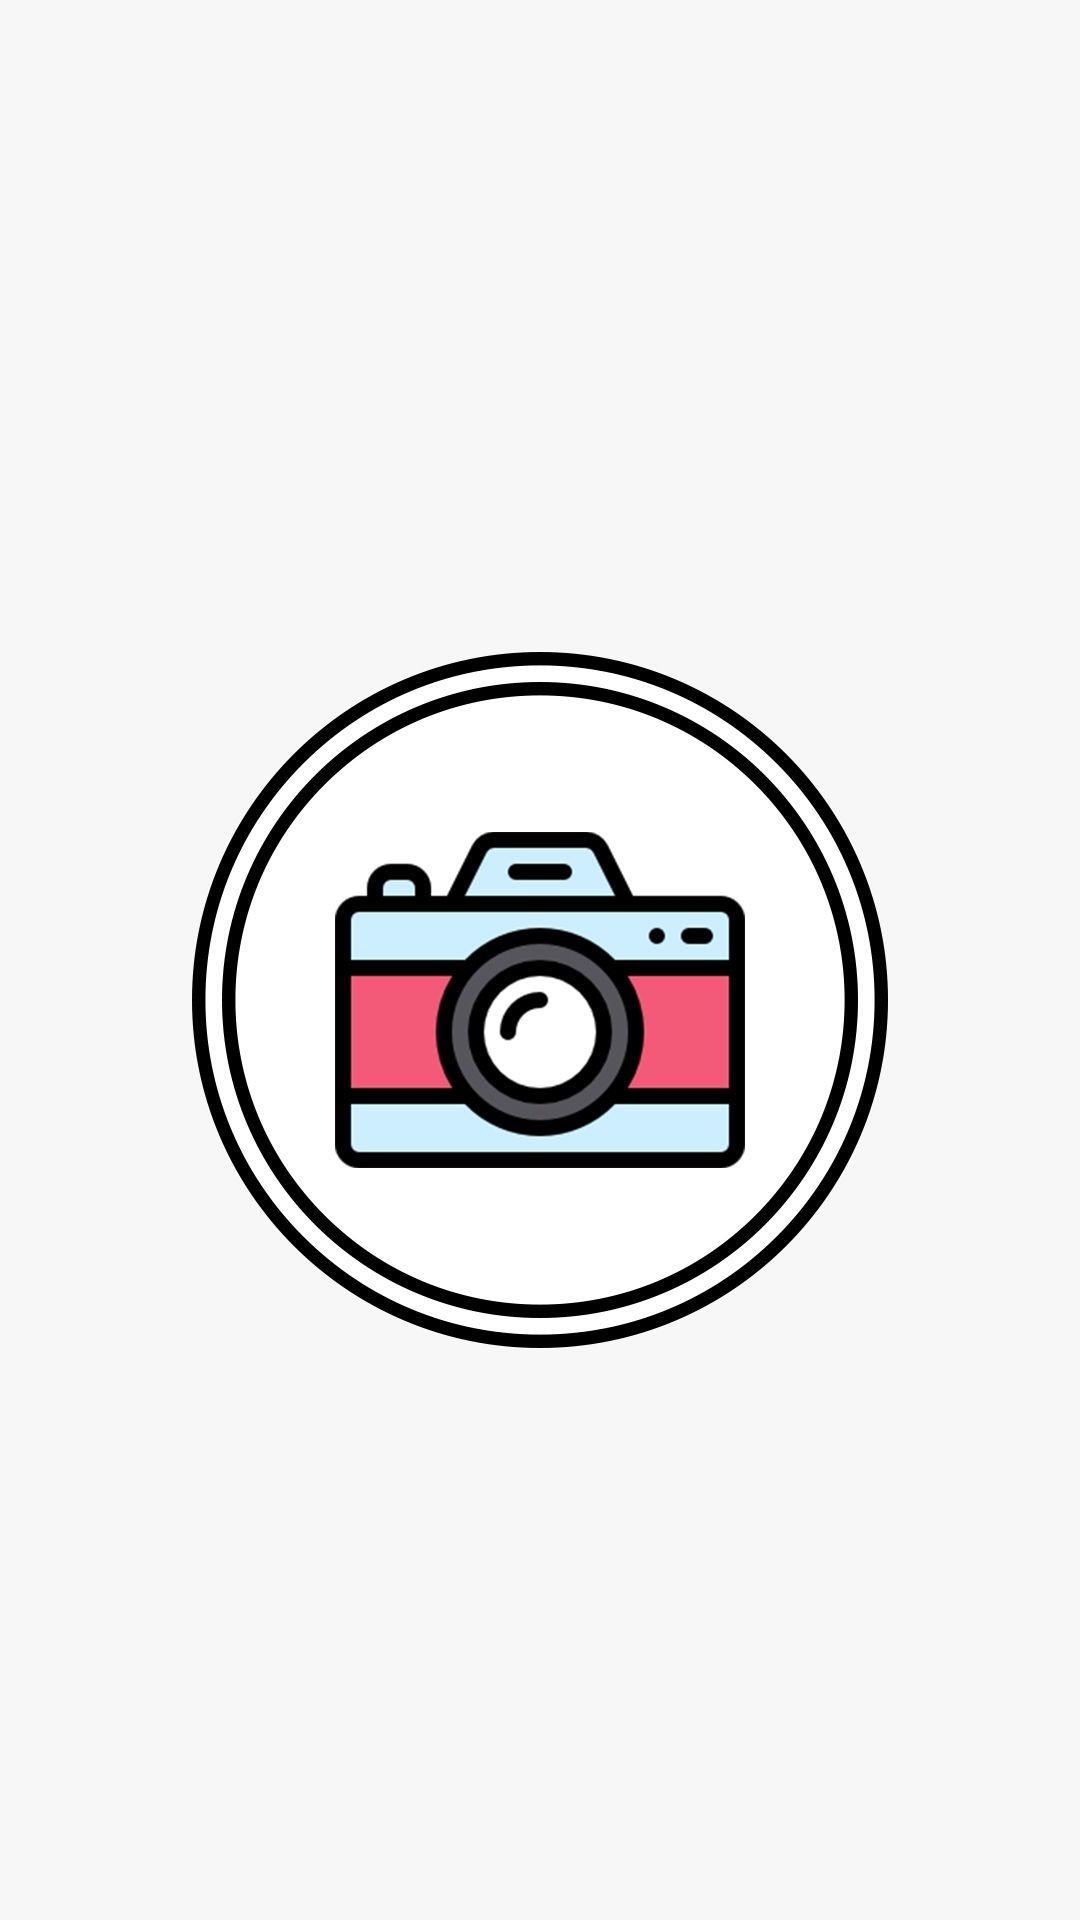 Diversas Capas Para Destaque Do Instagram Parte 4 Ideias